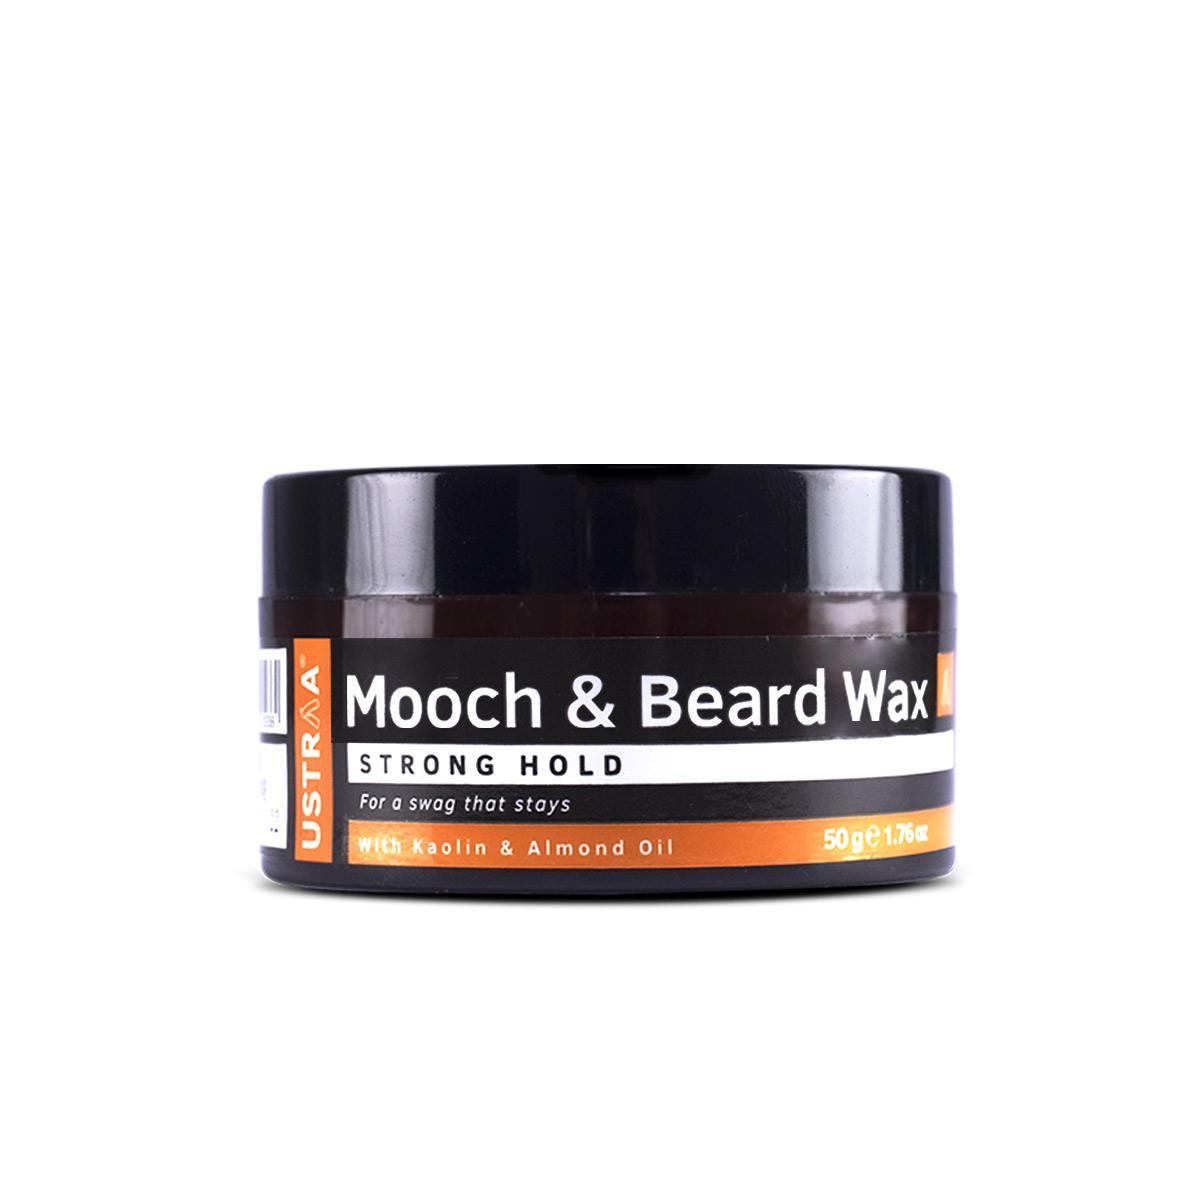 Beard & Mooch Wax - Strong Hold - 50g